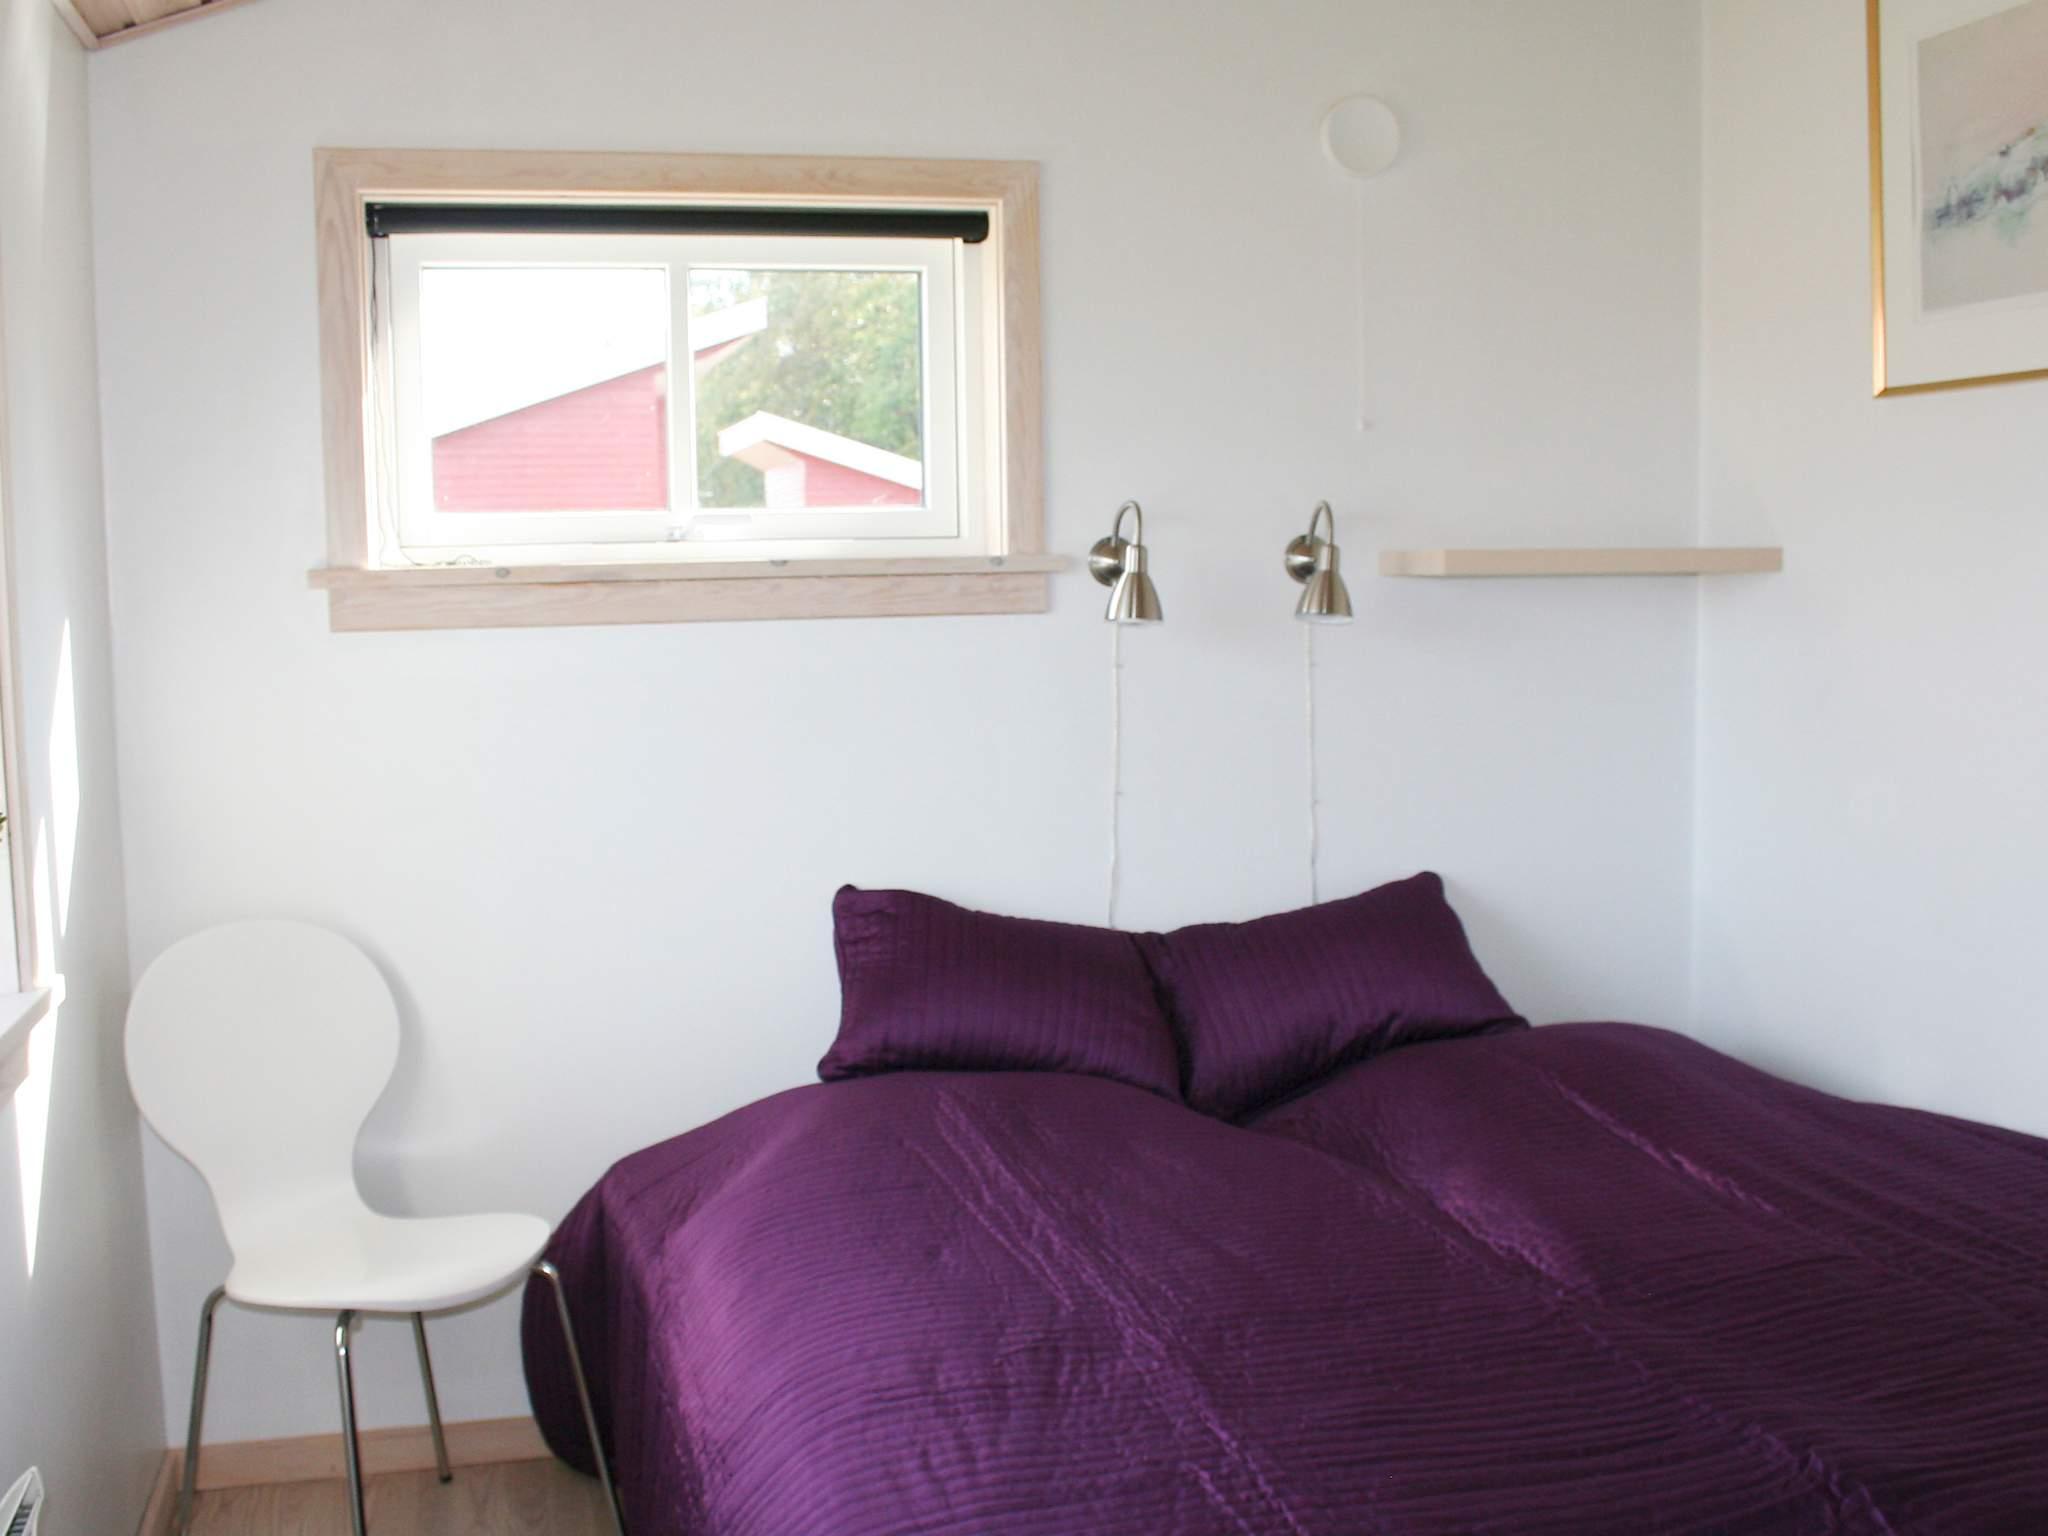 Ferienhaus Rø/Gudhjem (500241), Gudhjem, , Bornholm, Dänemark, Bild 9